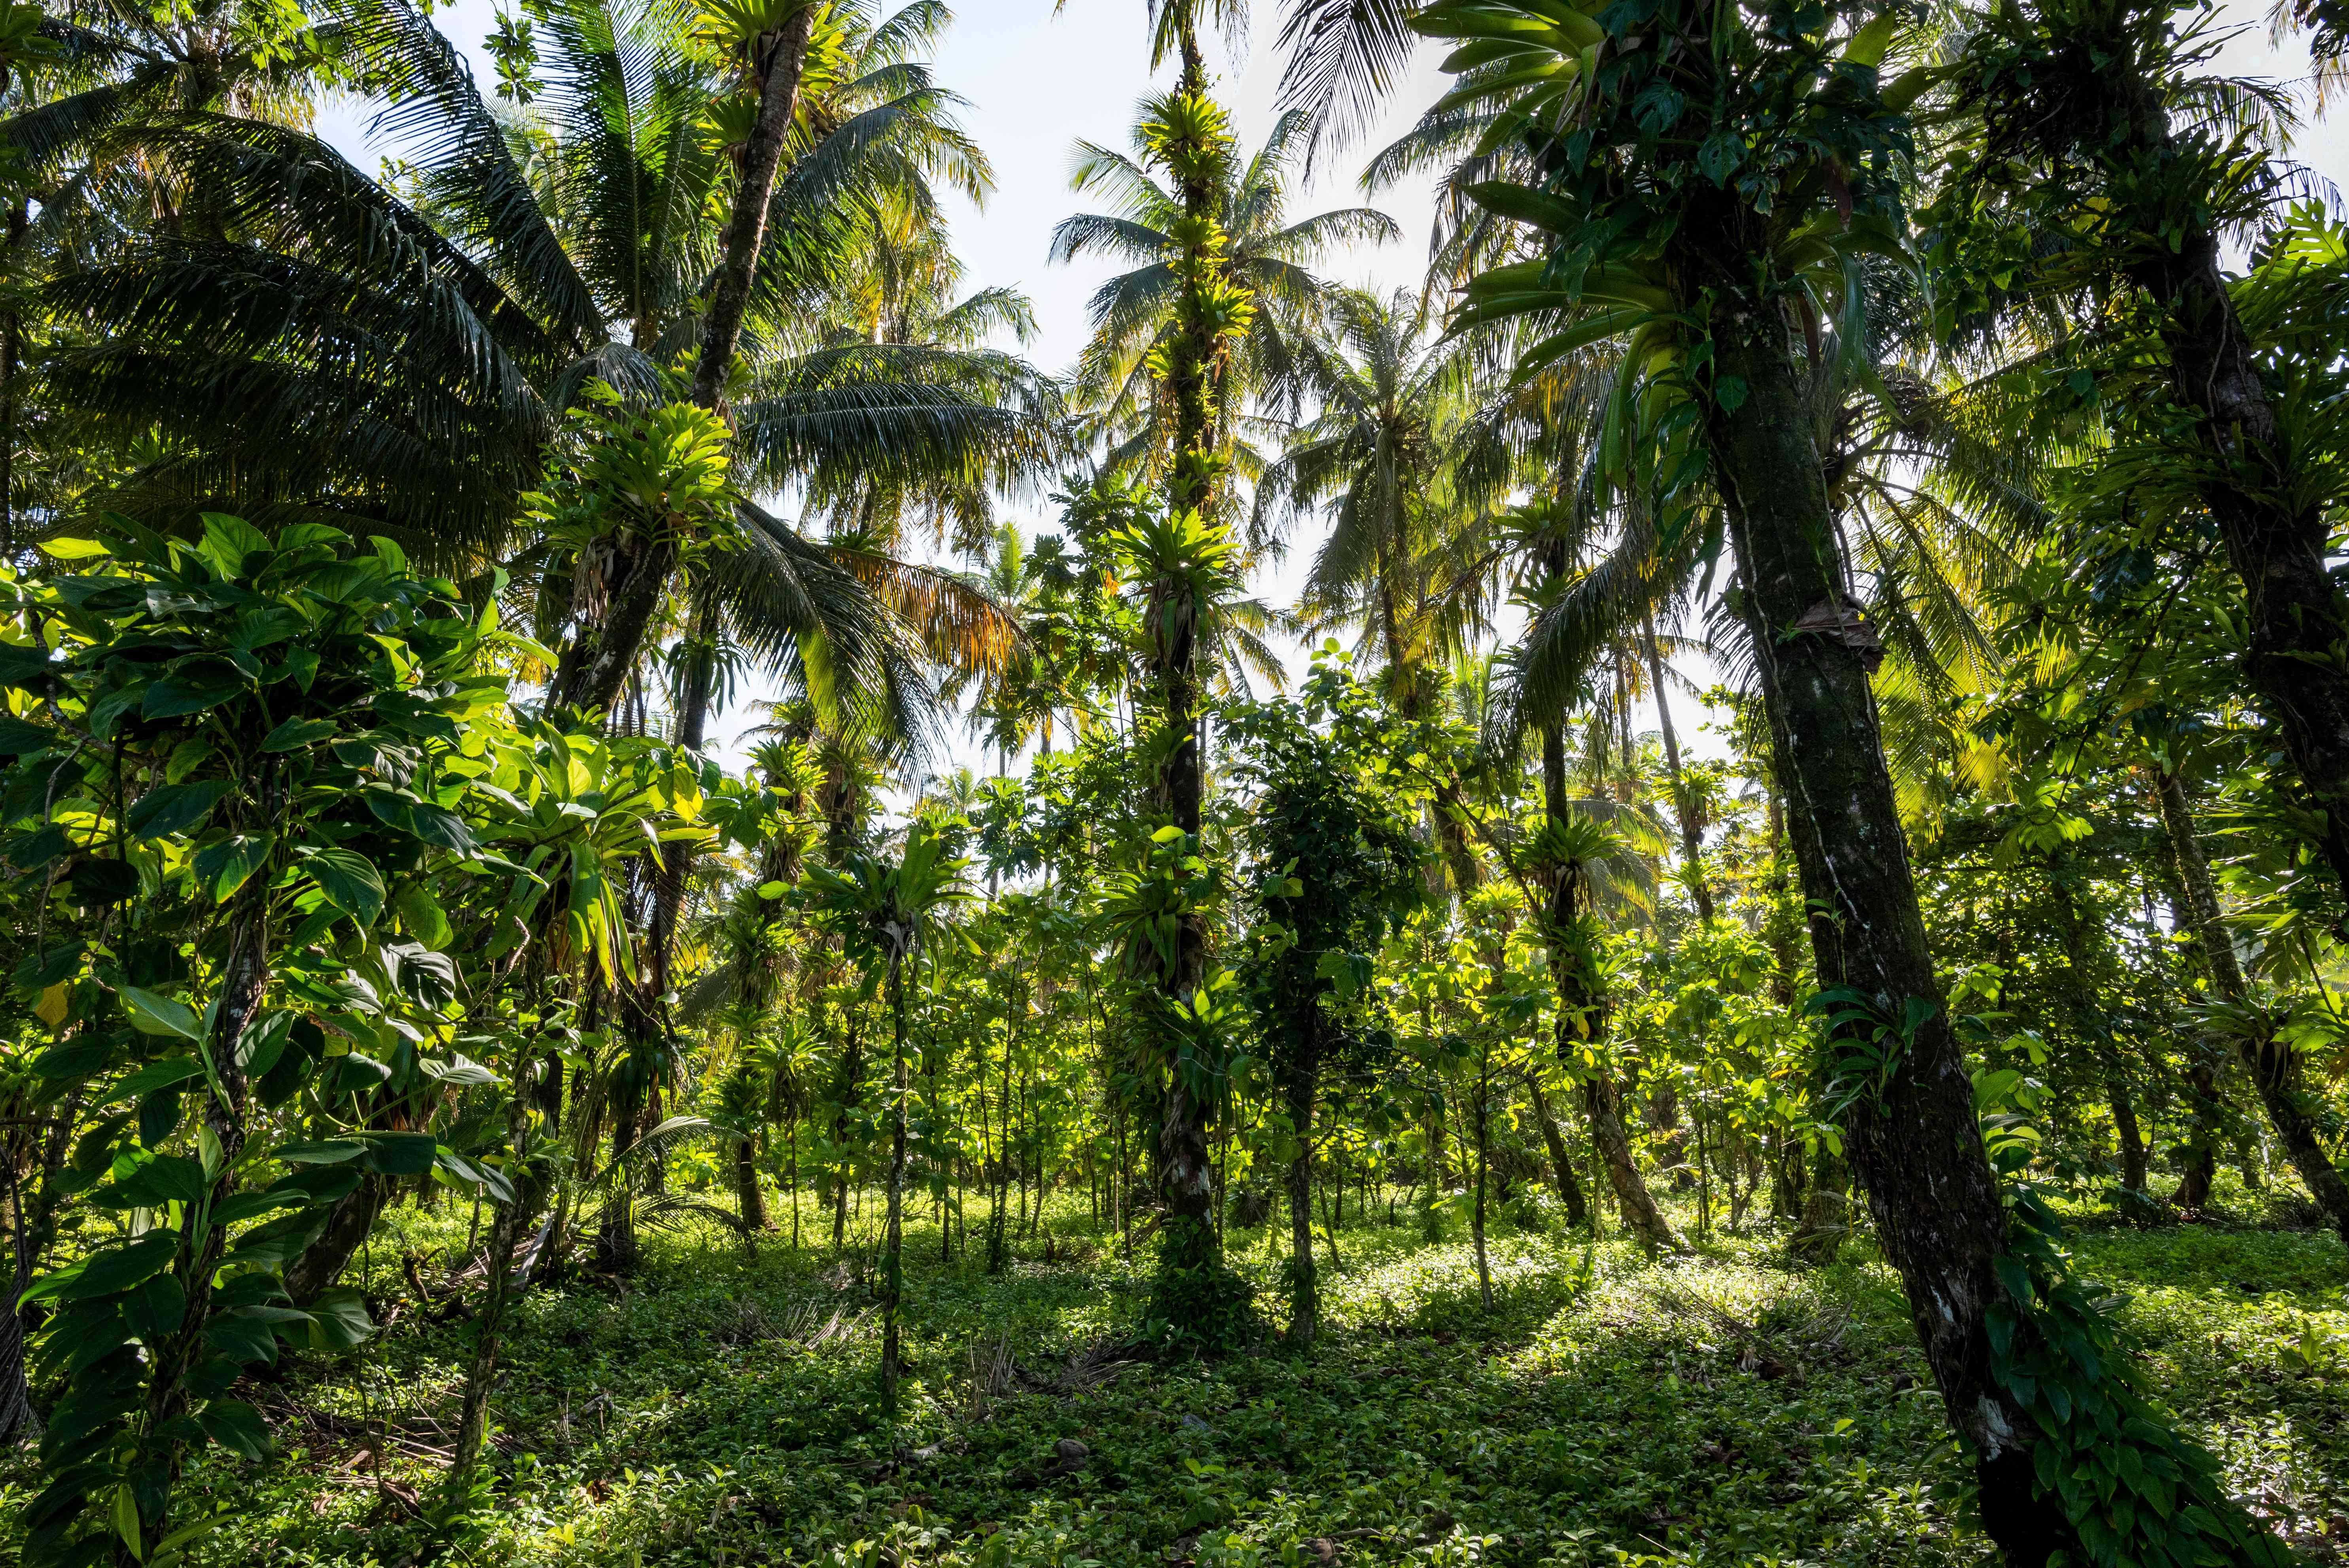 Selva de palmeras en Bocas del Toro